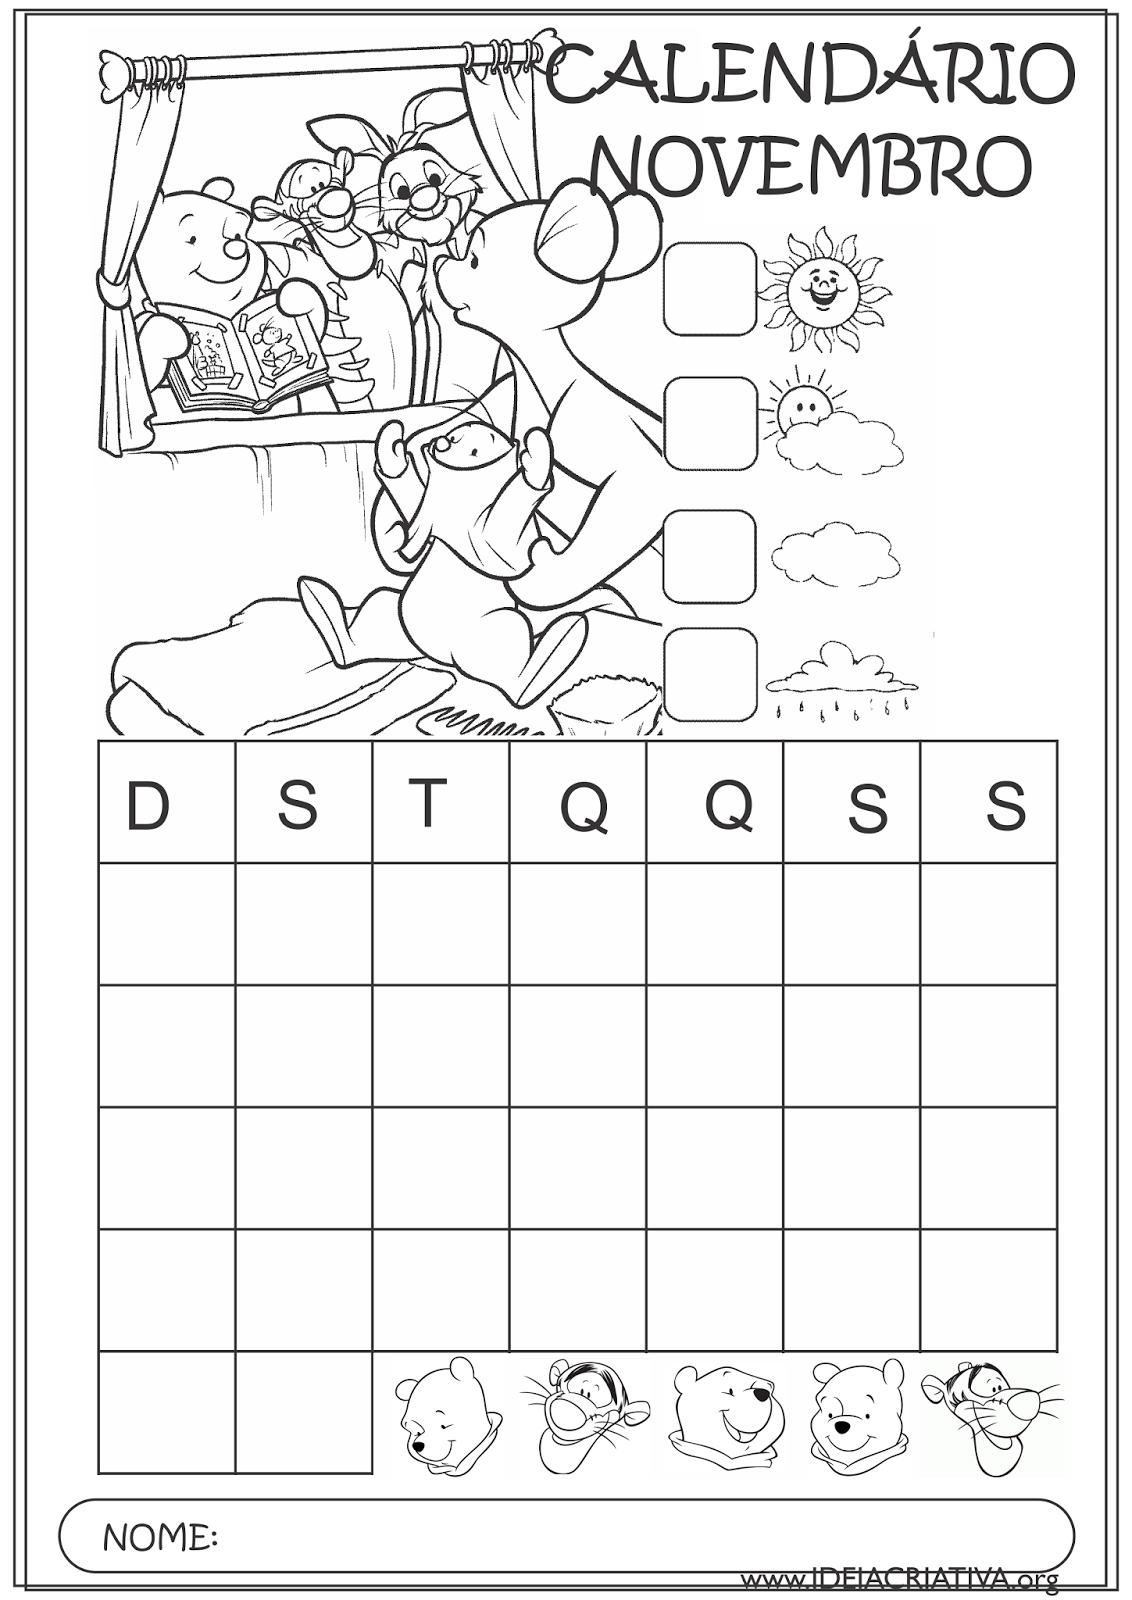 Calendários Novembro 2015 Turma do Pooh para Colorir Educação Infantil